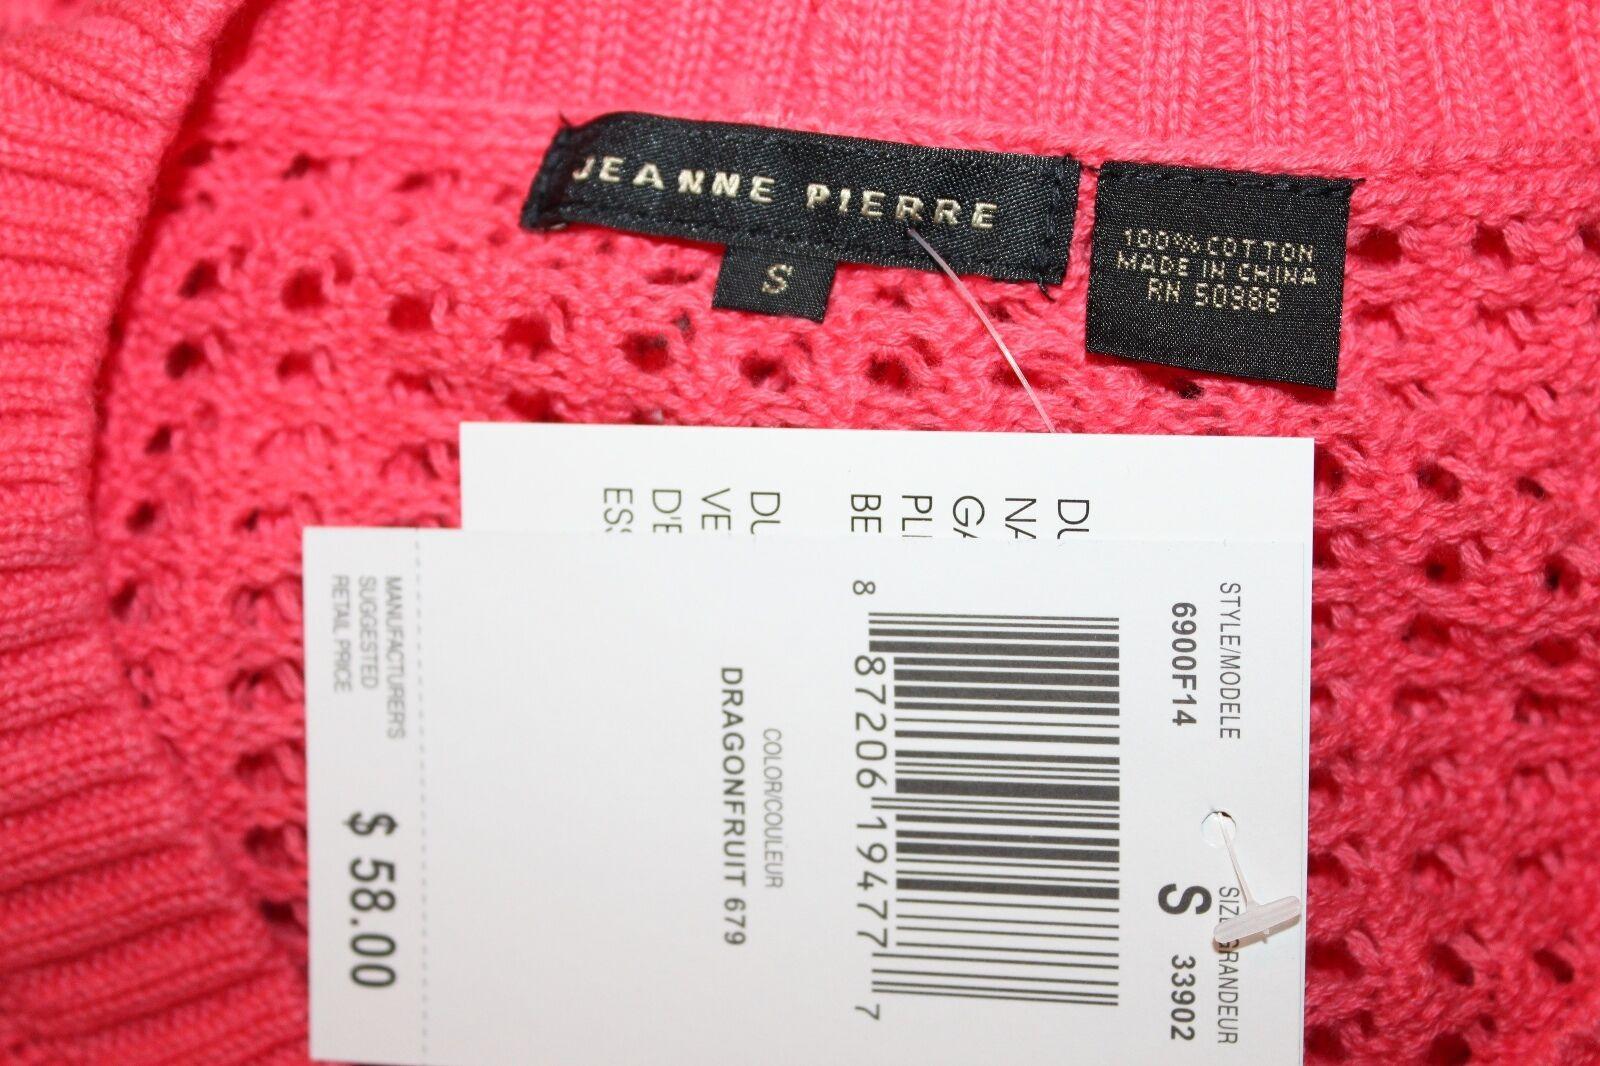 Jeanne Pierre - Donna S - Nuova con con con Etichetta - rosa Cotone Tessute Aperte bdcce9